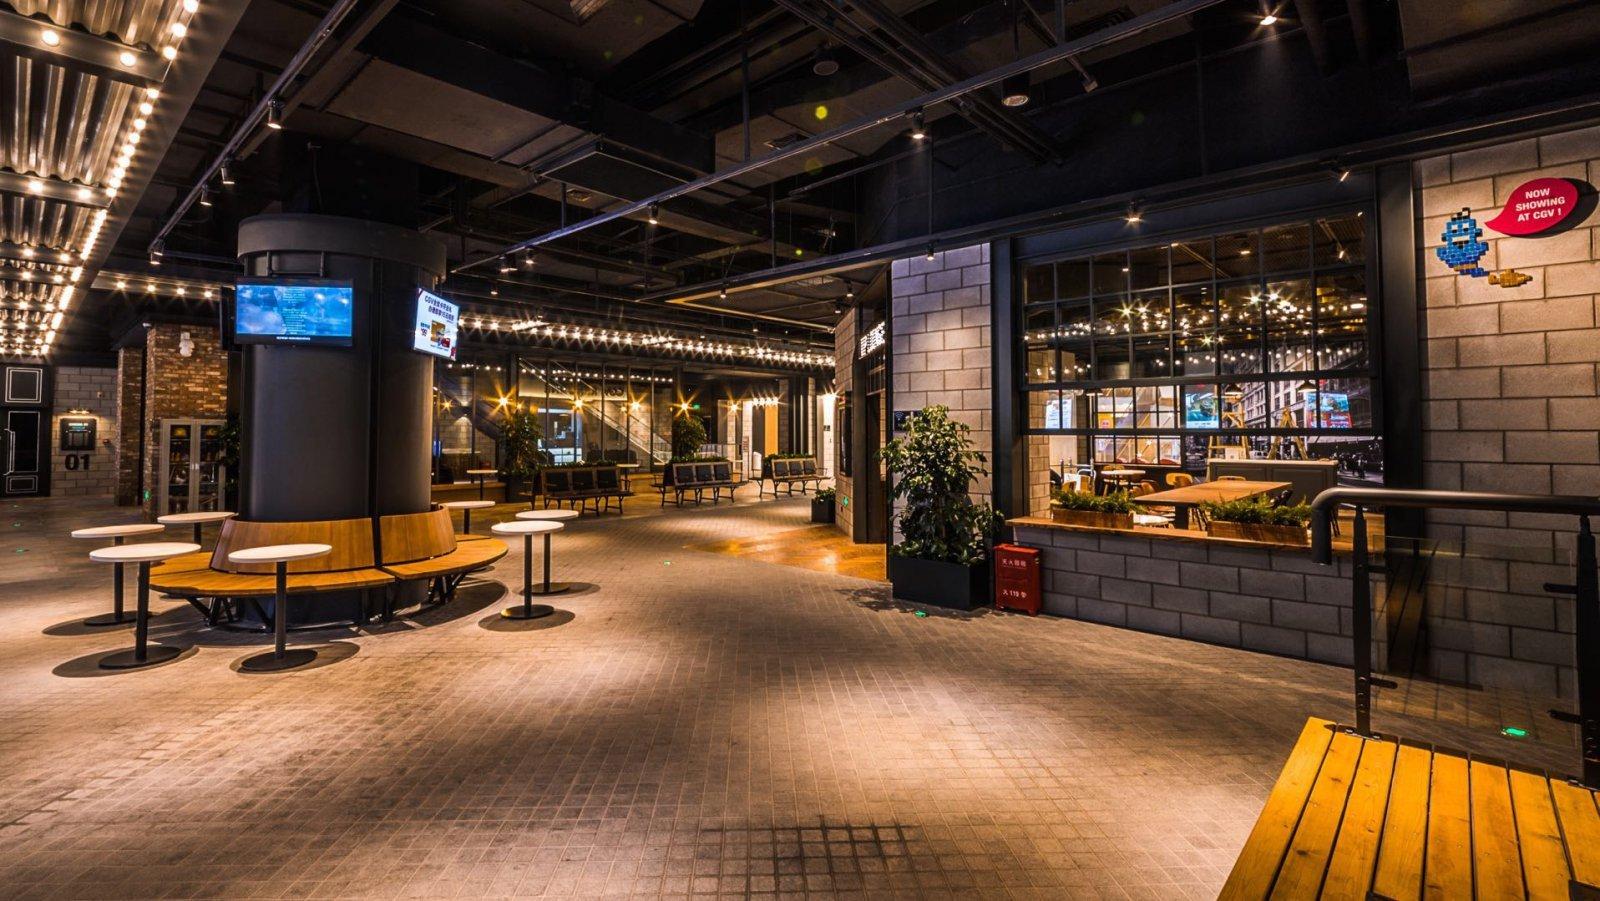 cgv电影院_7910平方米电影院cgv星聚汇杭州龙湖店设计,带给大家的\